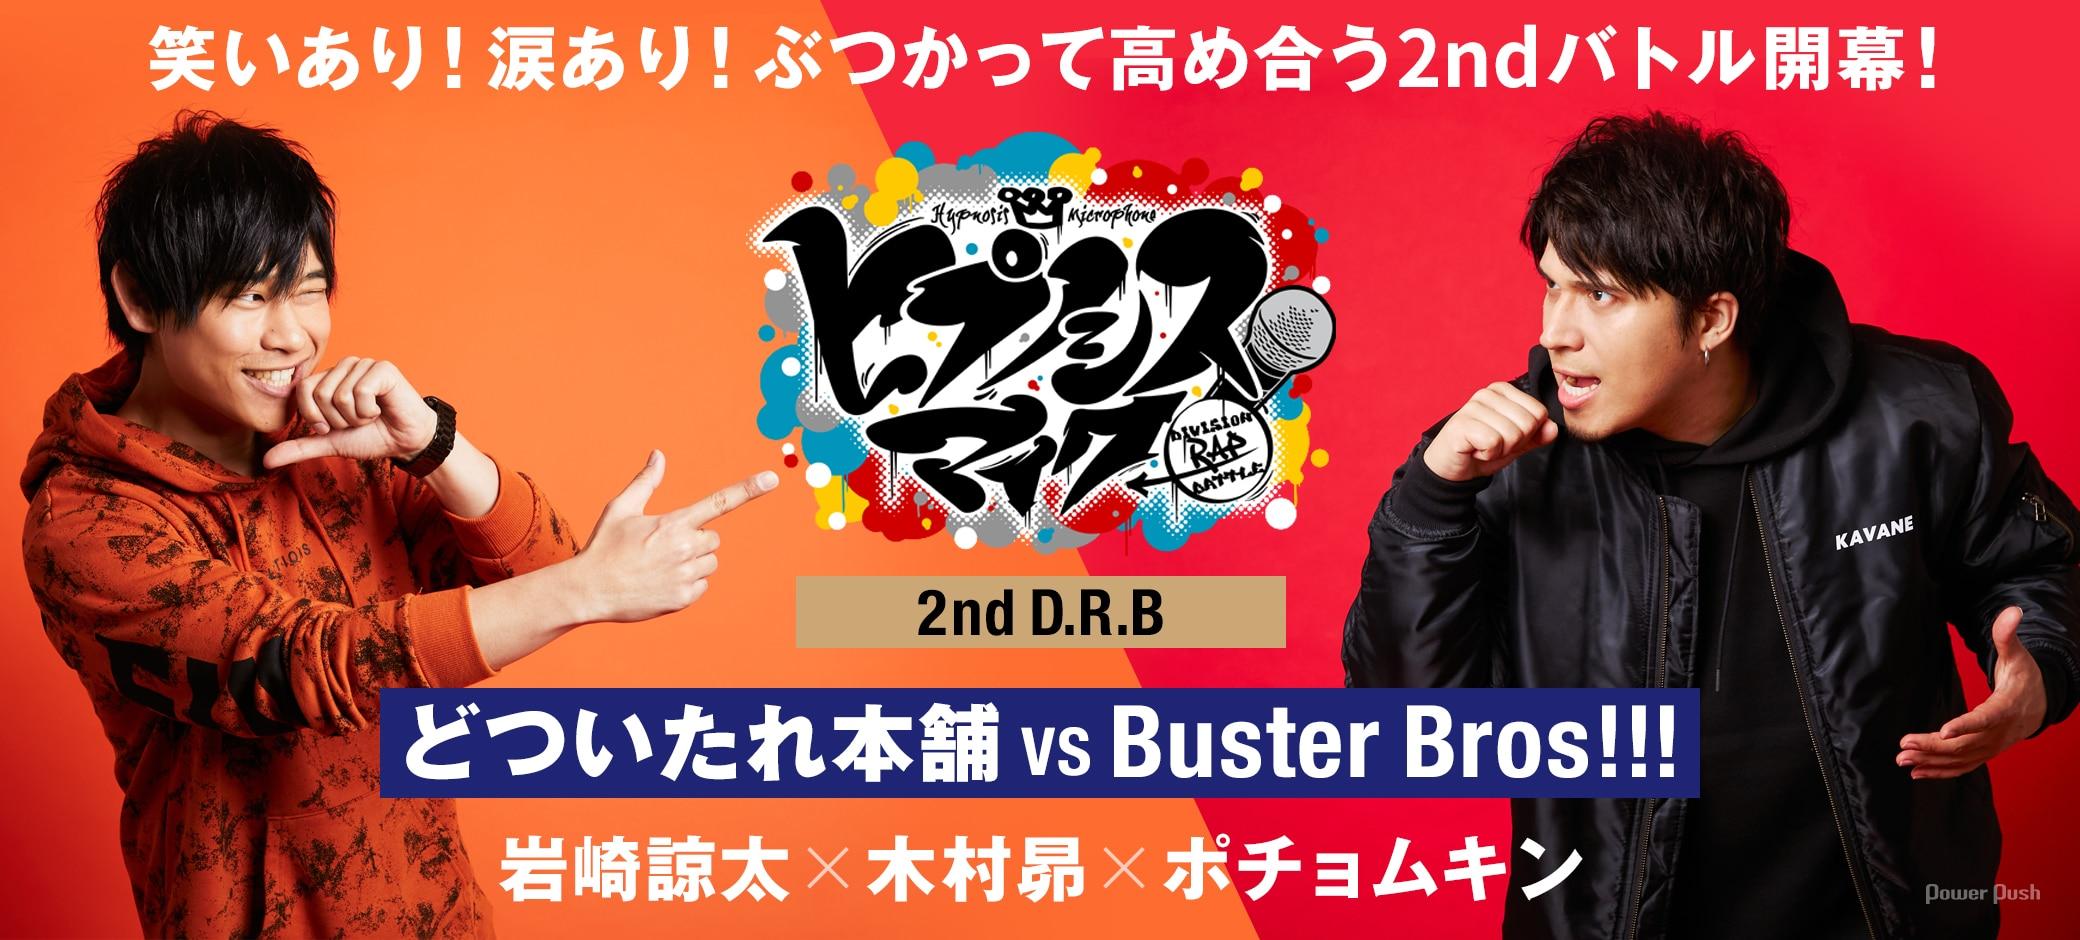 「ヒプノシスマイク-Division Rap Battle- 2nd D.R.B どついたれ本舗 VS Buster Bros!!!」岩崎諒太×木村昴×ポチョムキン 笑いあり!涙あり!ぶつかって高め合う2ndバトル開幕!